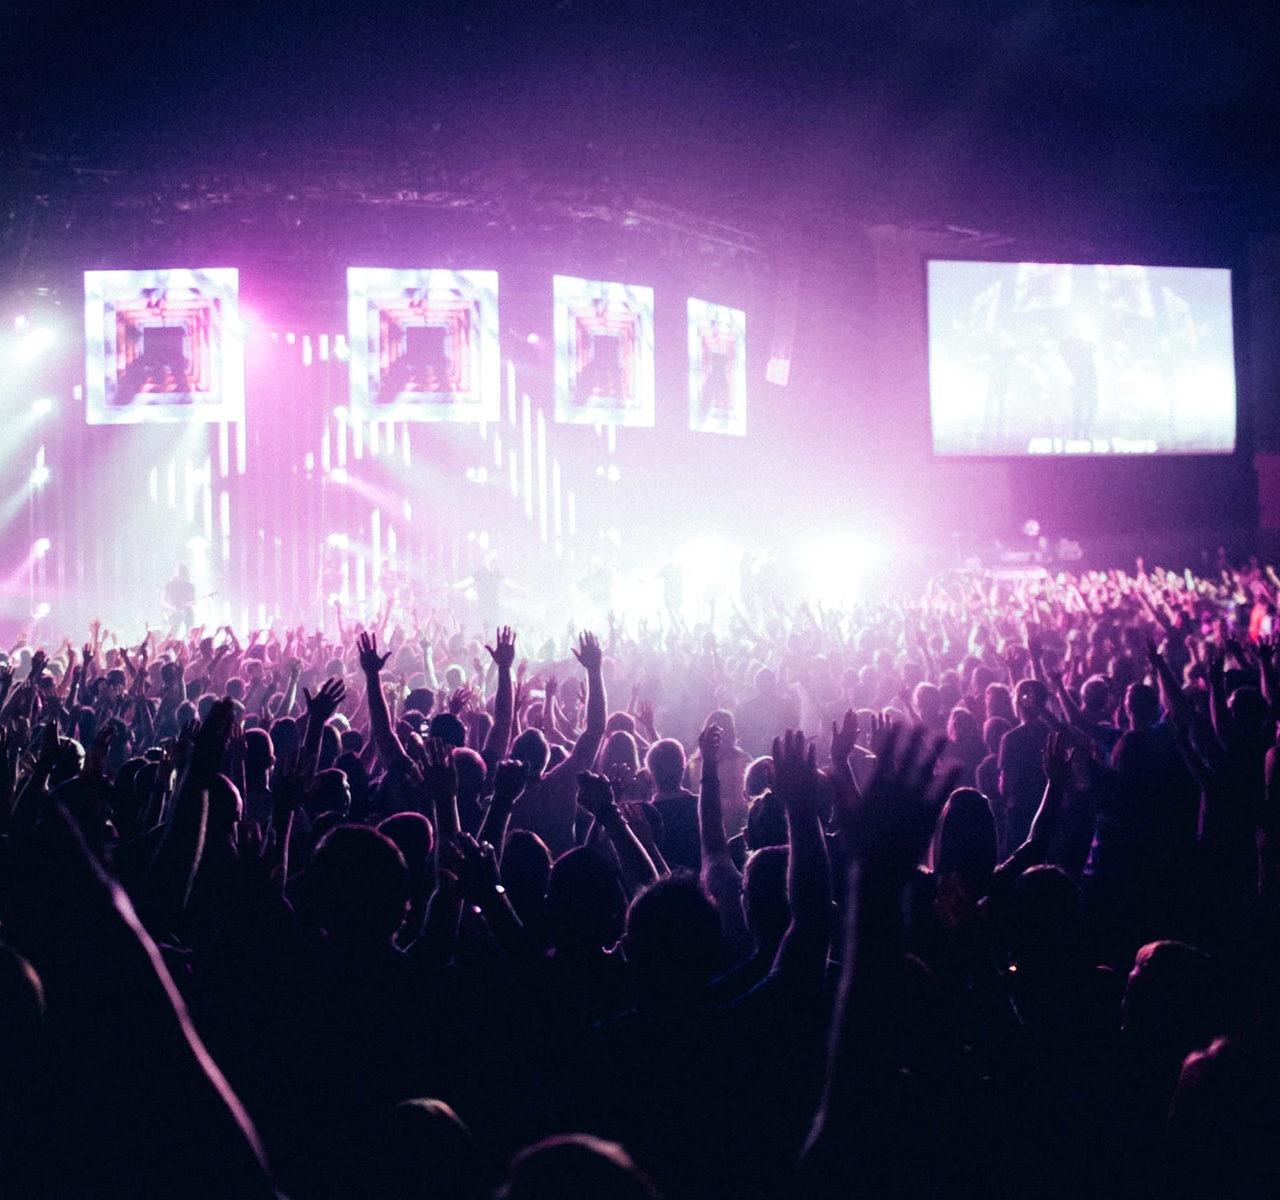 Un salle de concert avec un groupe de musique sur scène pendant un festival